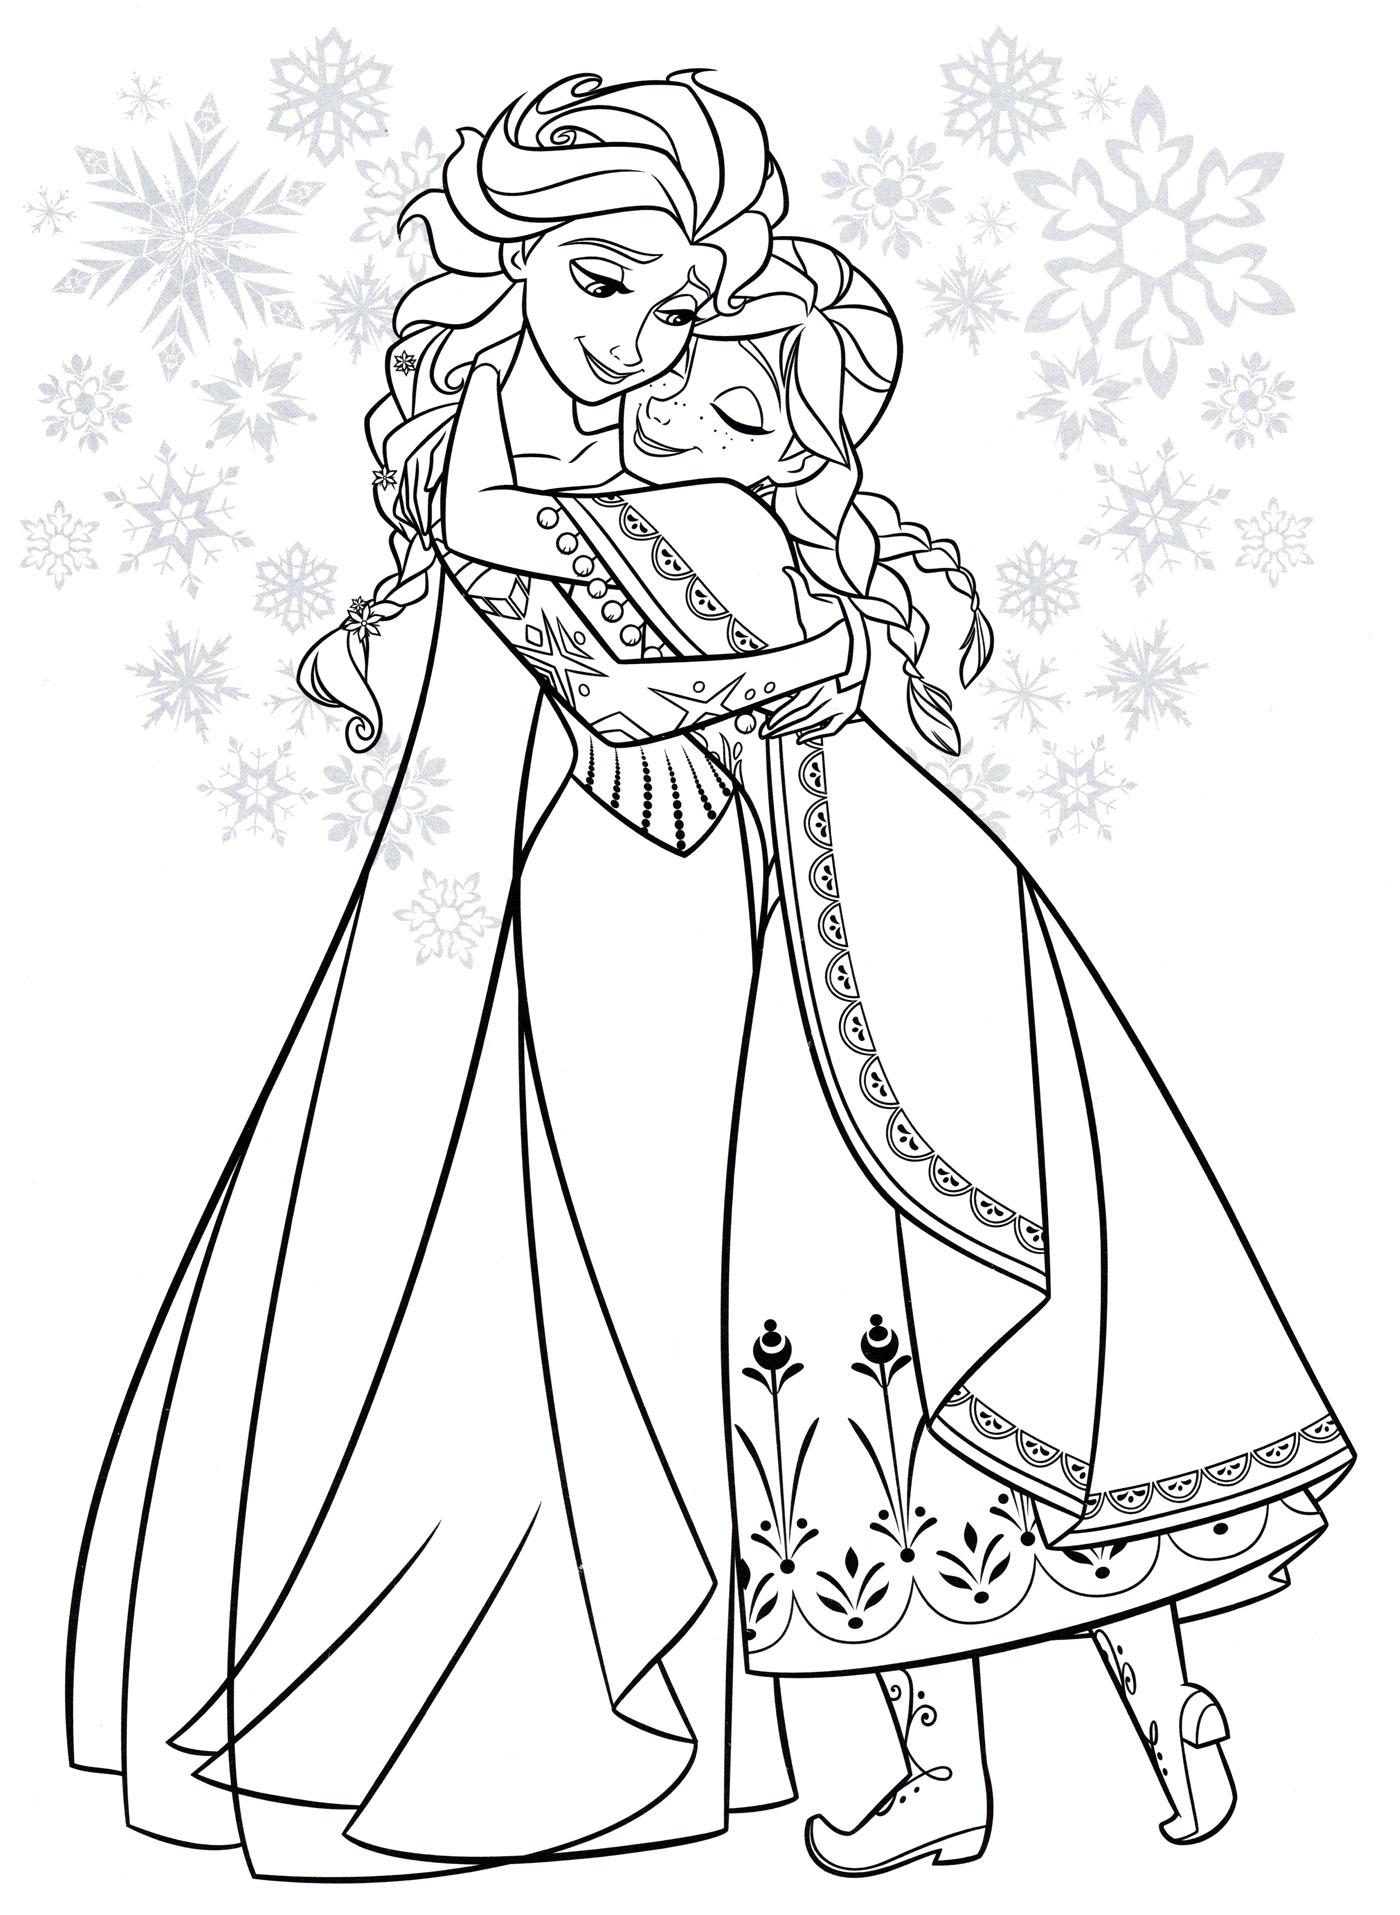 Раскраска Анна обнимает Эльзу